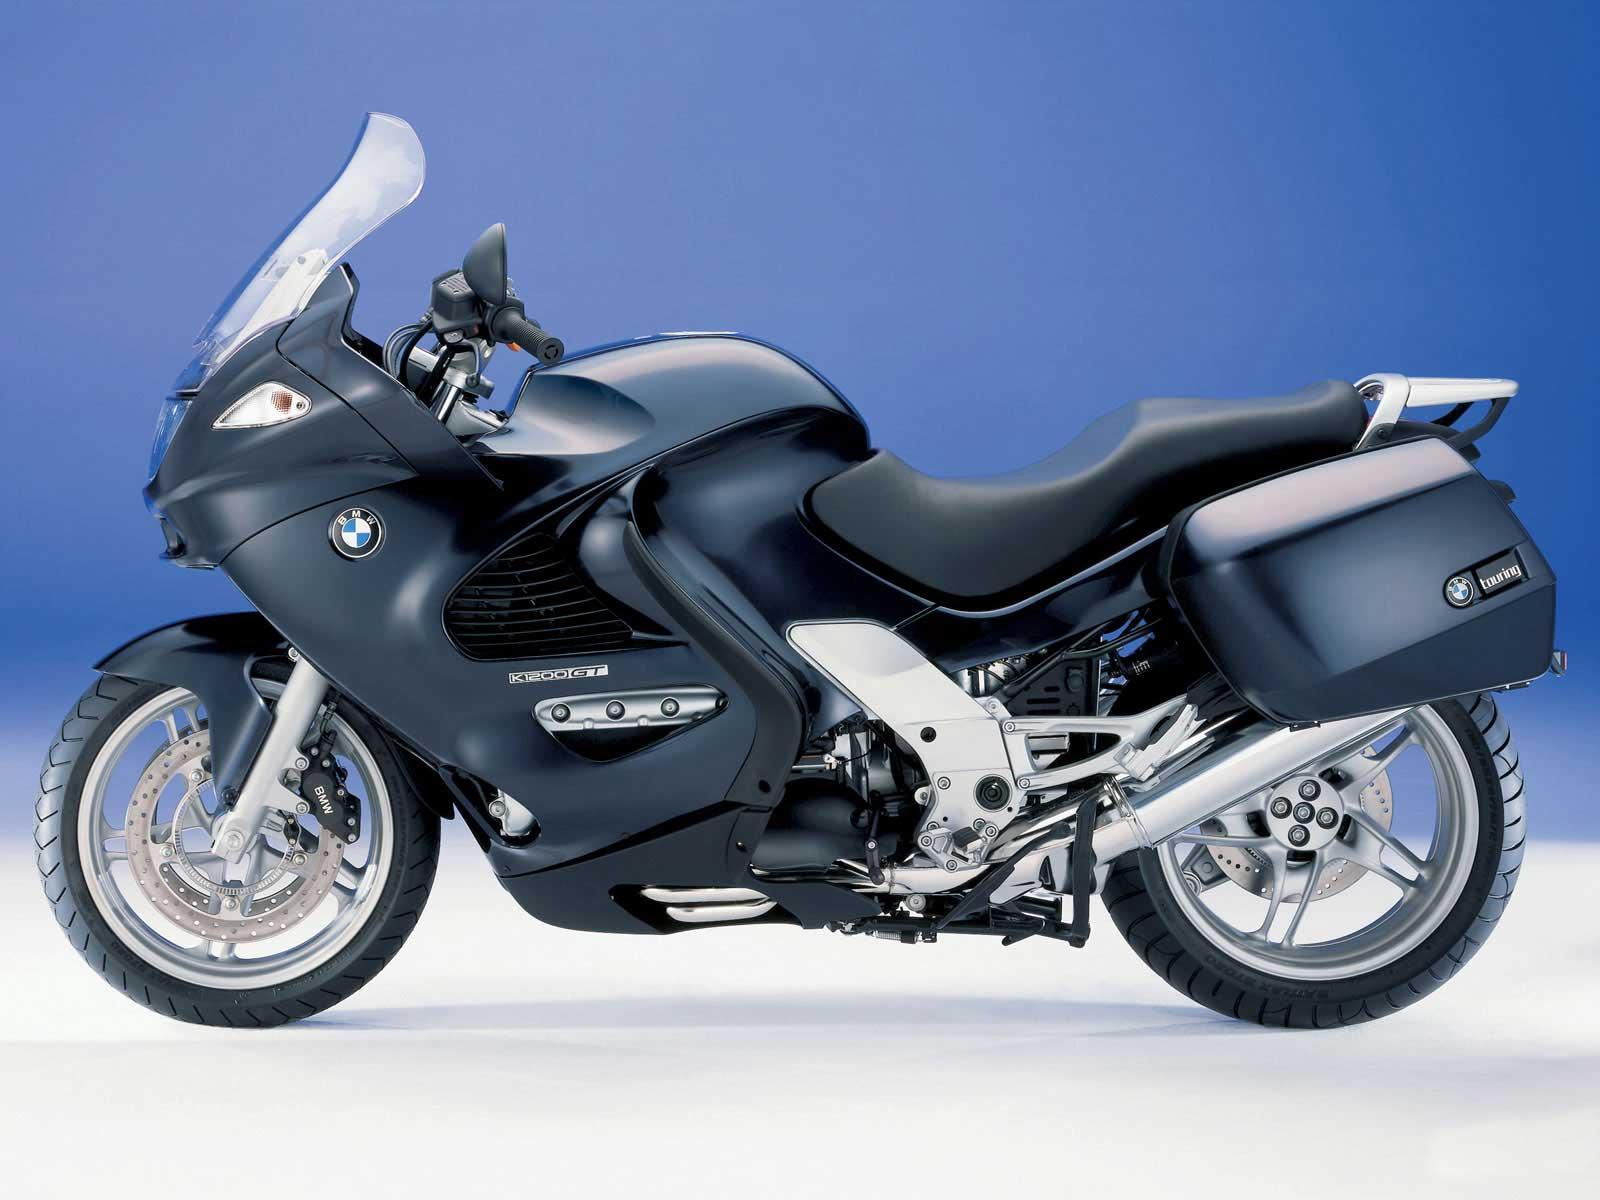 2002 BMW K1200GT Motorcycle Desktop Wallpapers 1600x1200